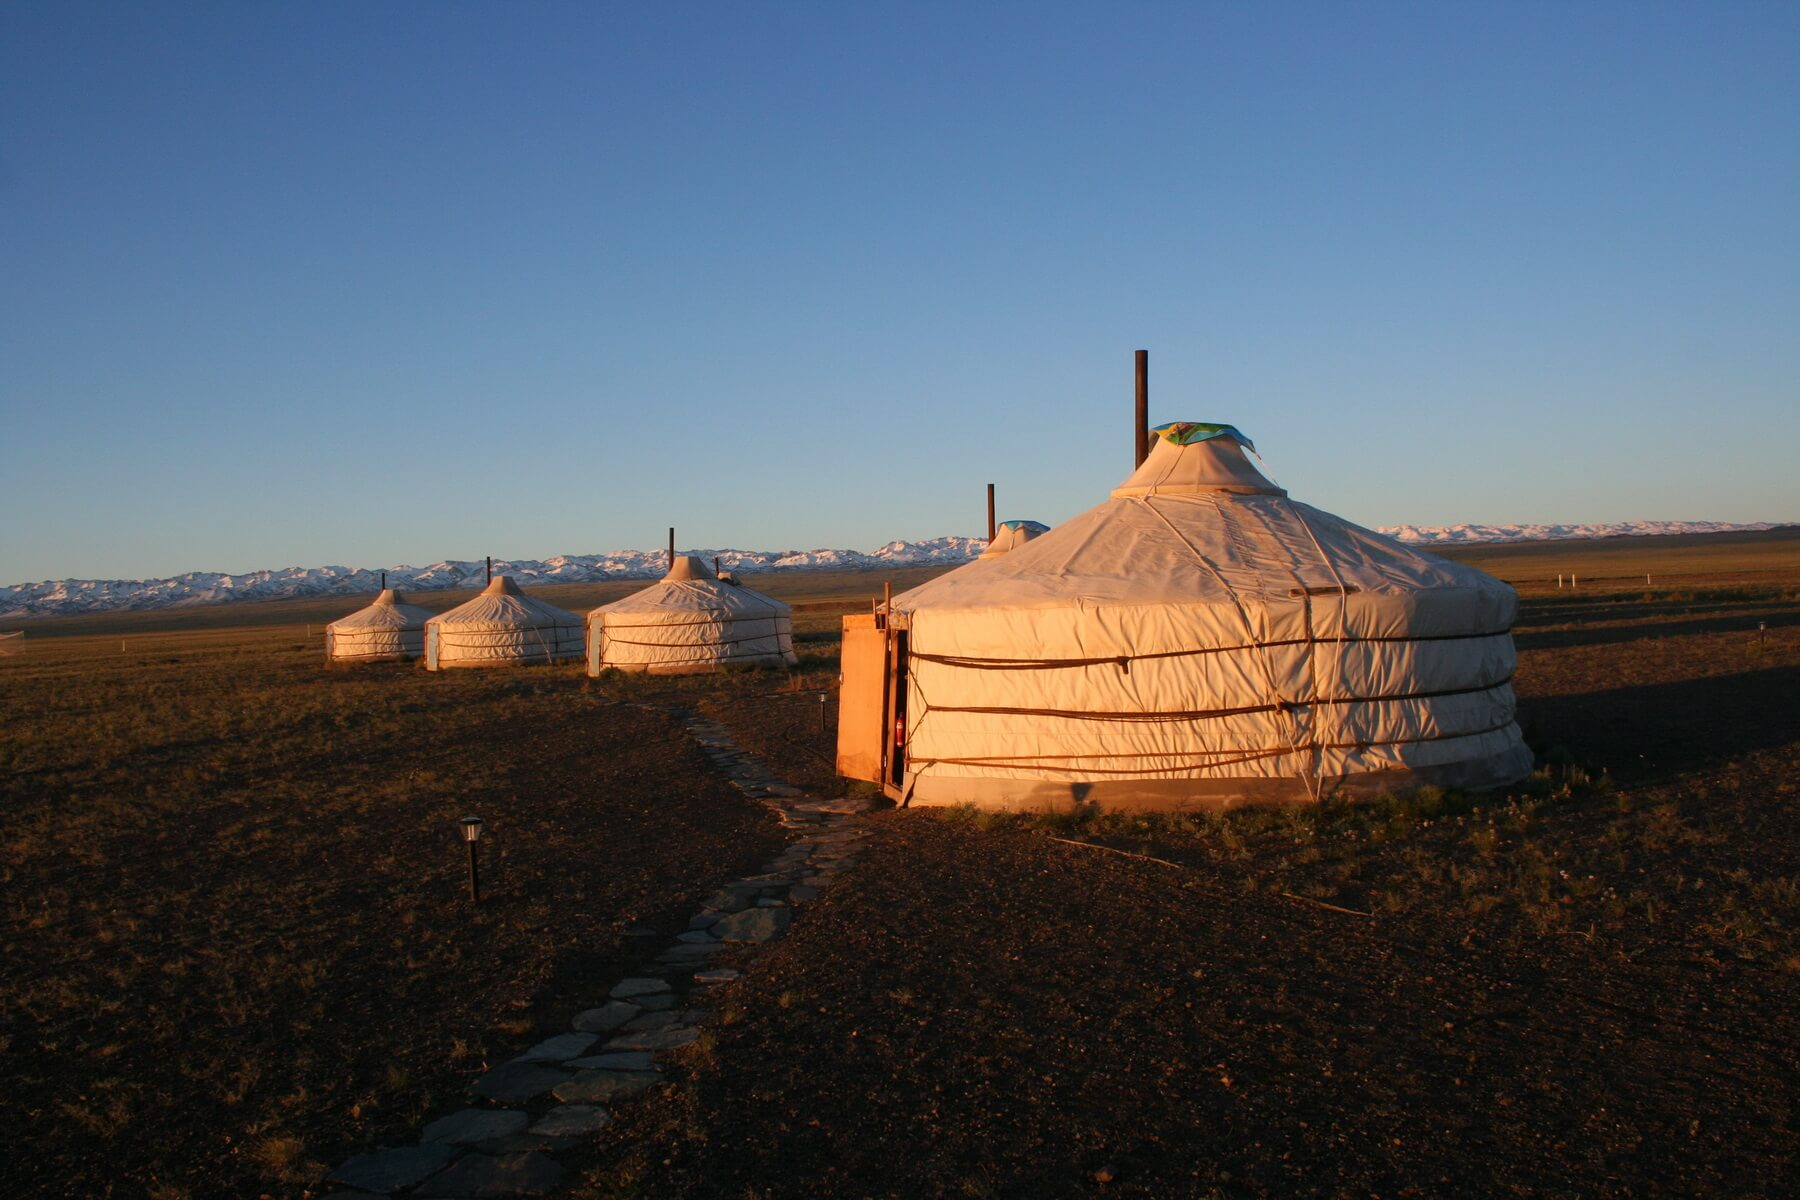 Traditionelle Jurten im weiten Land der Mongolei